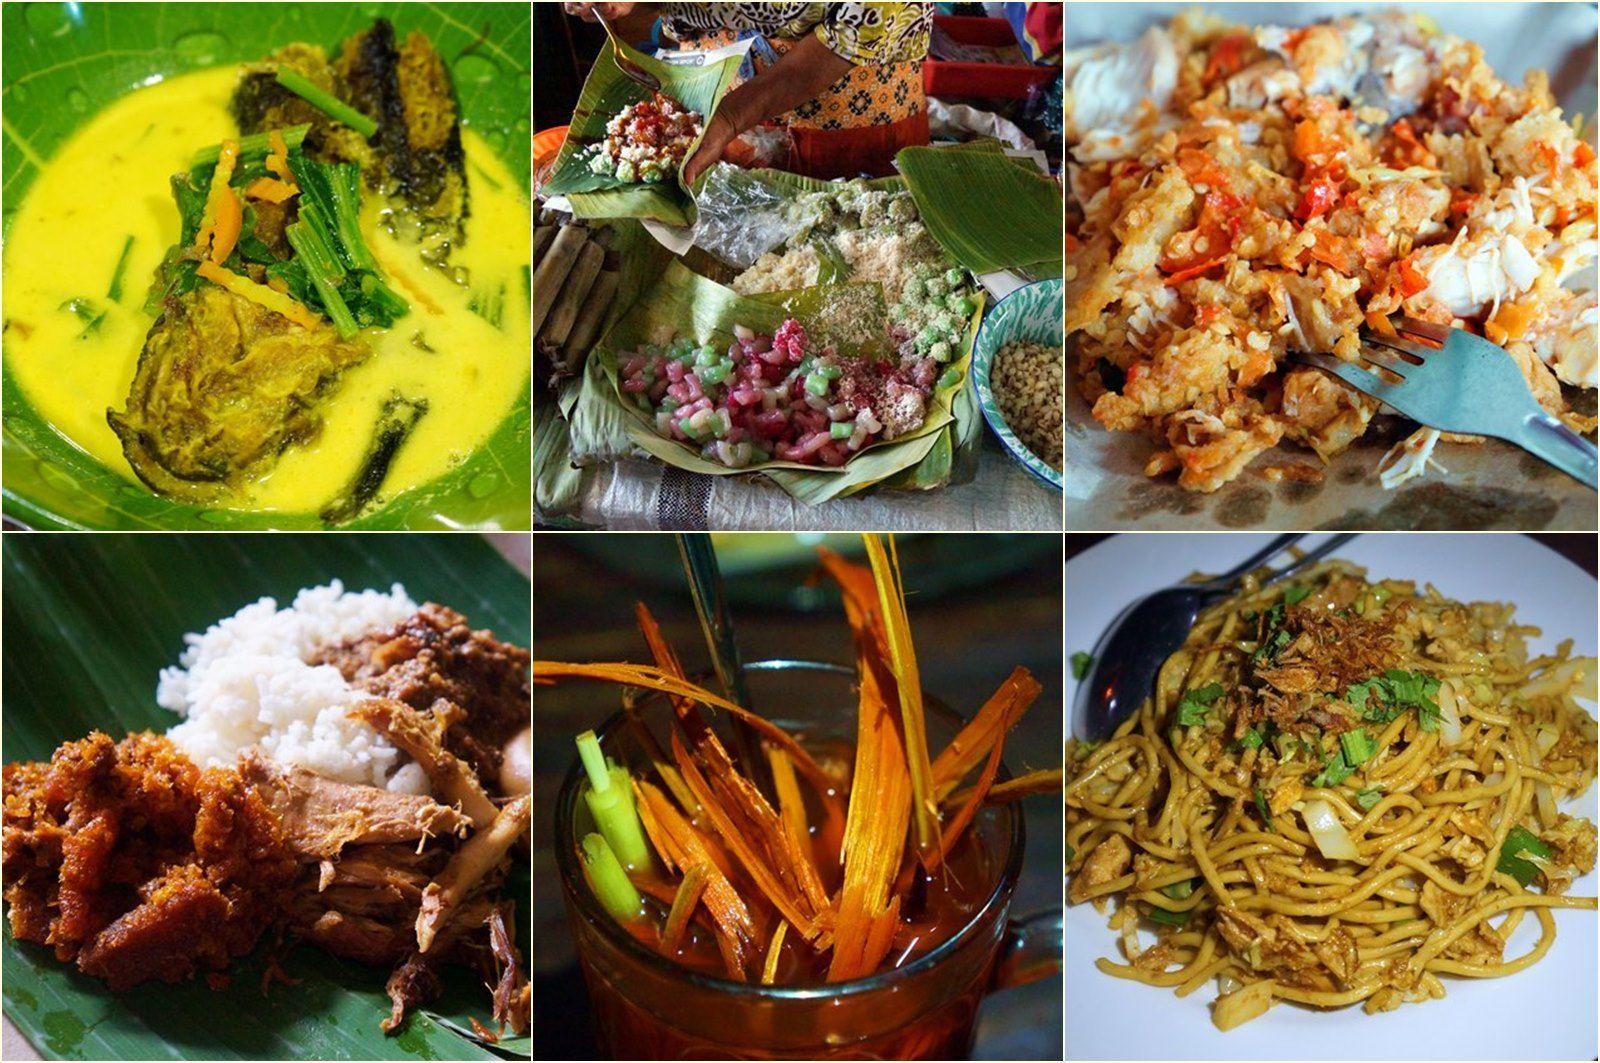 Kuliner Yogyakarta Yang Enak Ini Bikin Saya Pengen Kesana Lagi Dan Lagi Ada Banyak Banget Destinasi Yogyakarta Yang Bi Yogyakarta Ayam Goreng Seluncuran